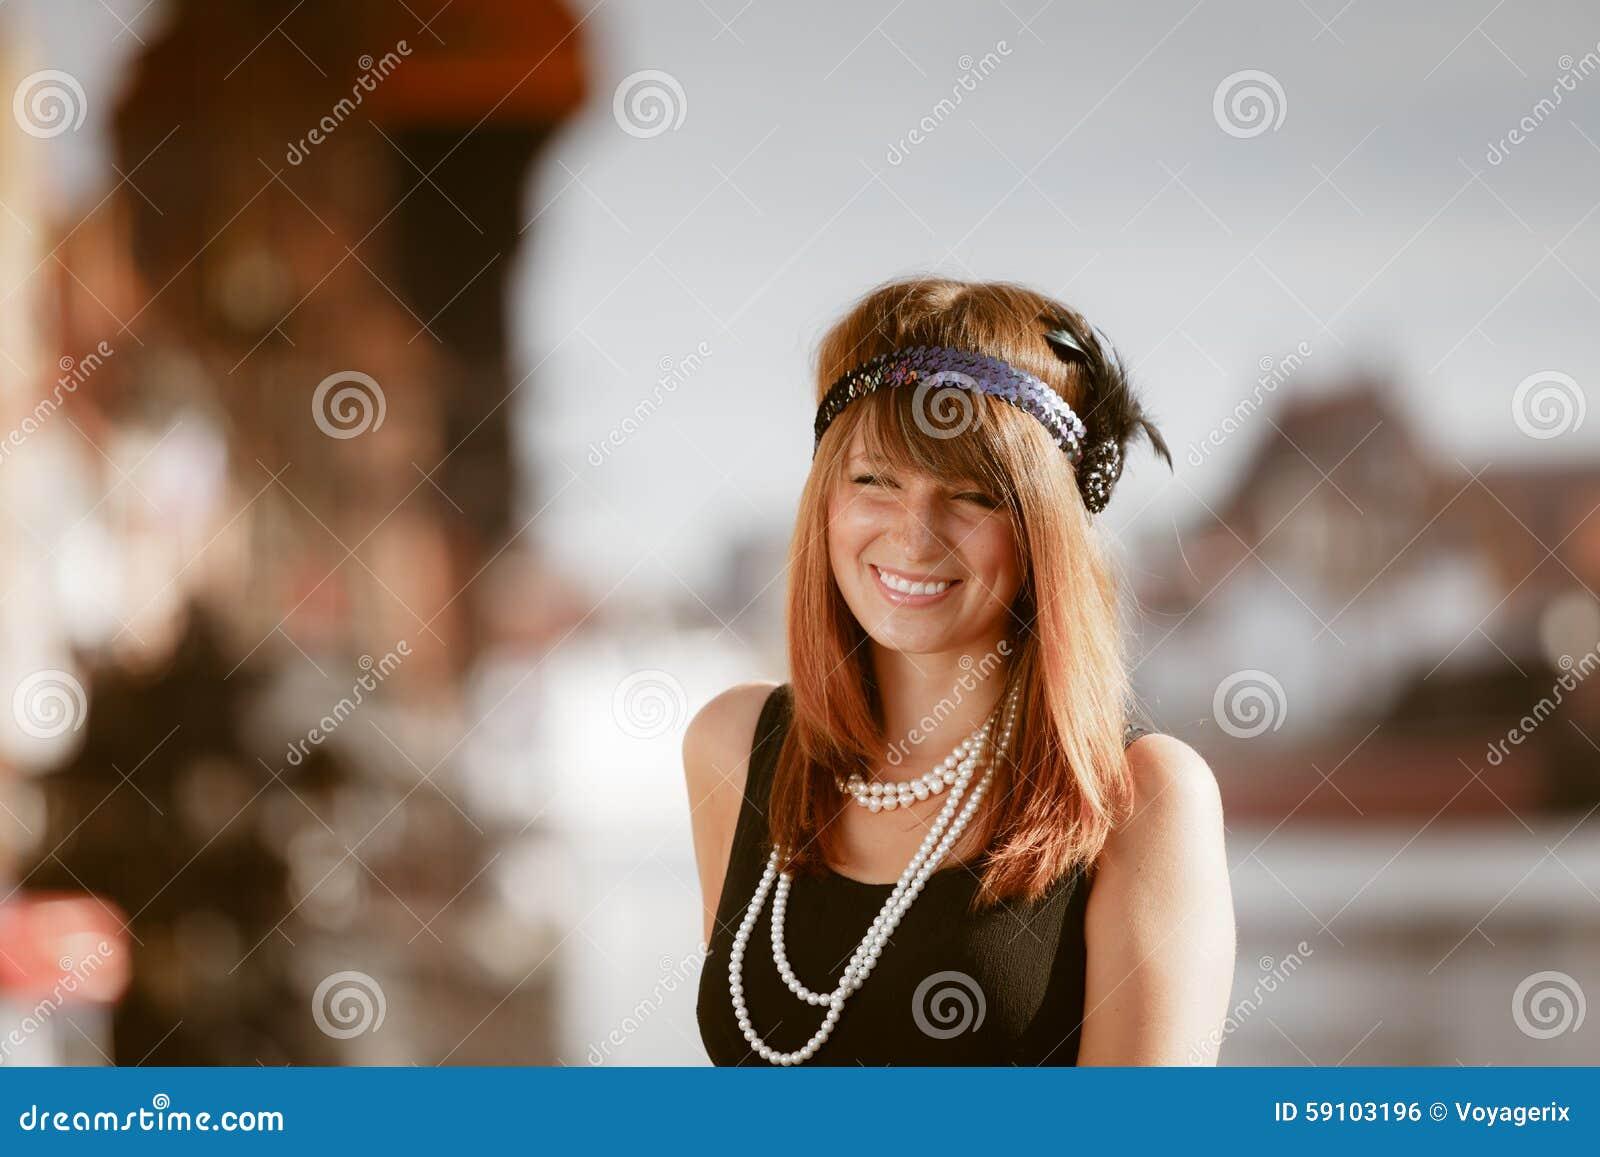 插板女孩站立在街道上的妇女in1920s样式